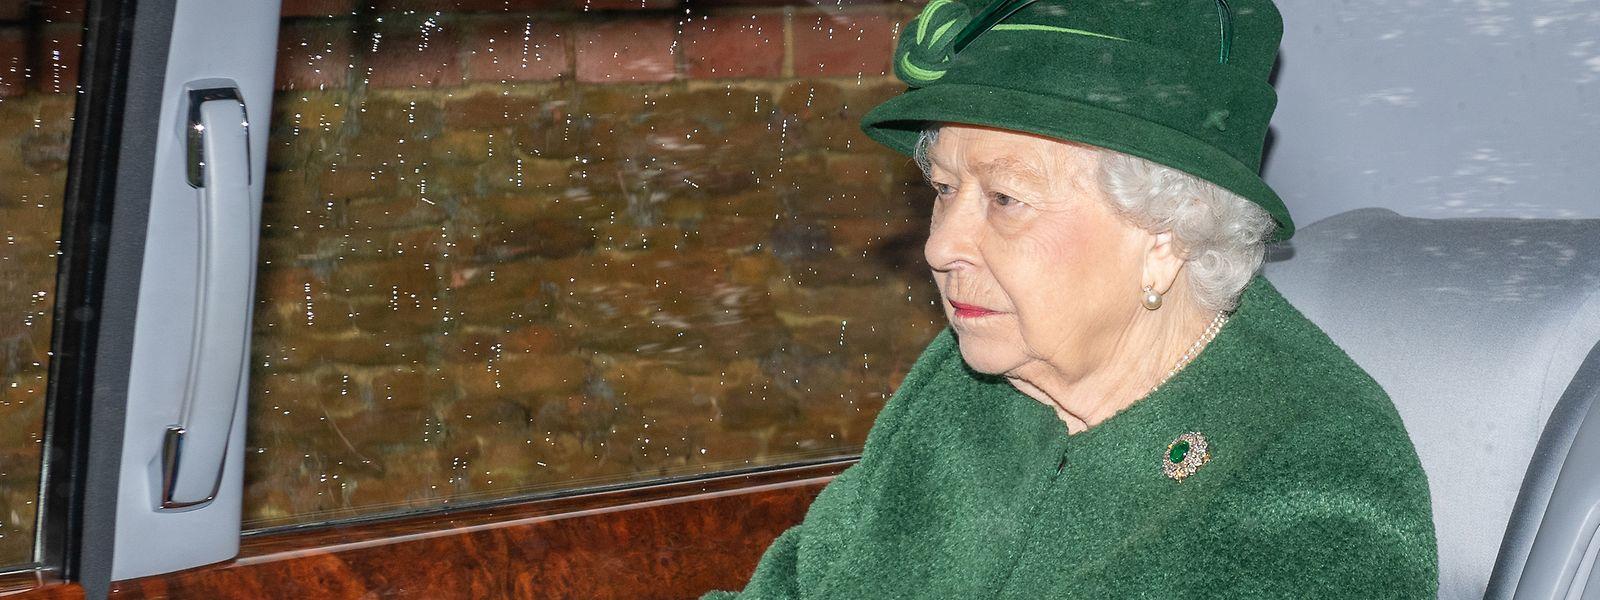 Harry und Meghans Entscheidung war nicht mit der Königsfamilie abgestimmt und soll dort für viel Enttäuschung und Ärger gesorgt haben.